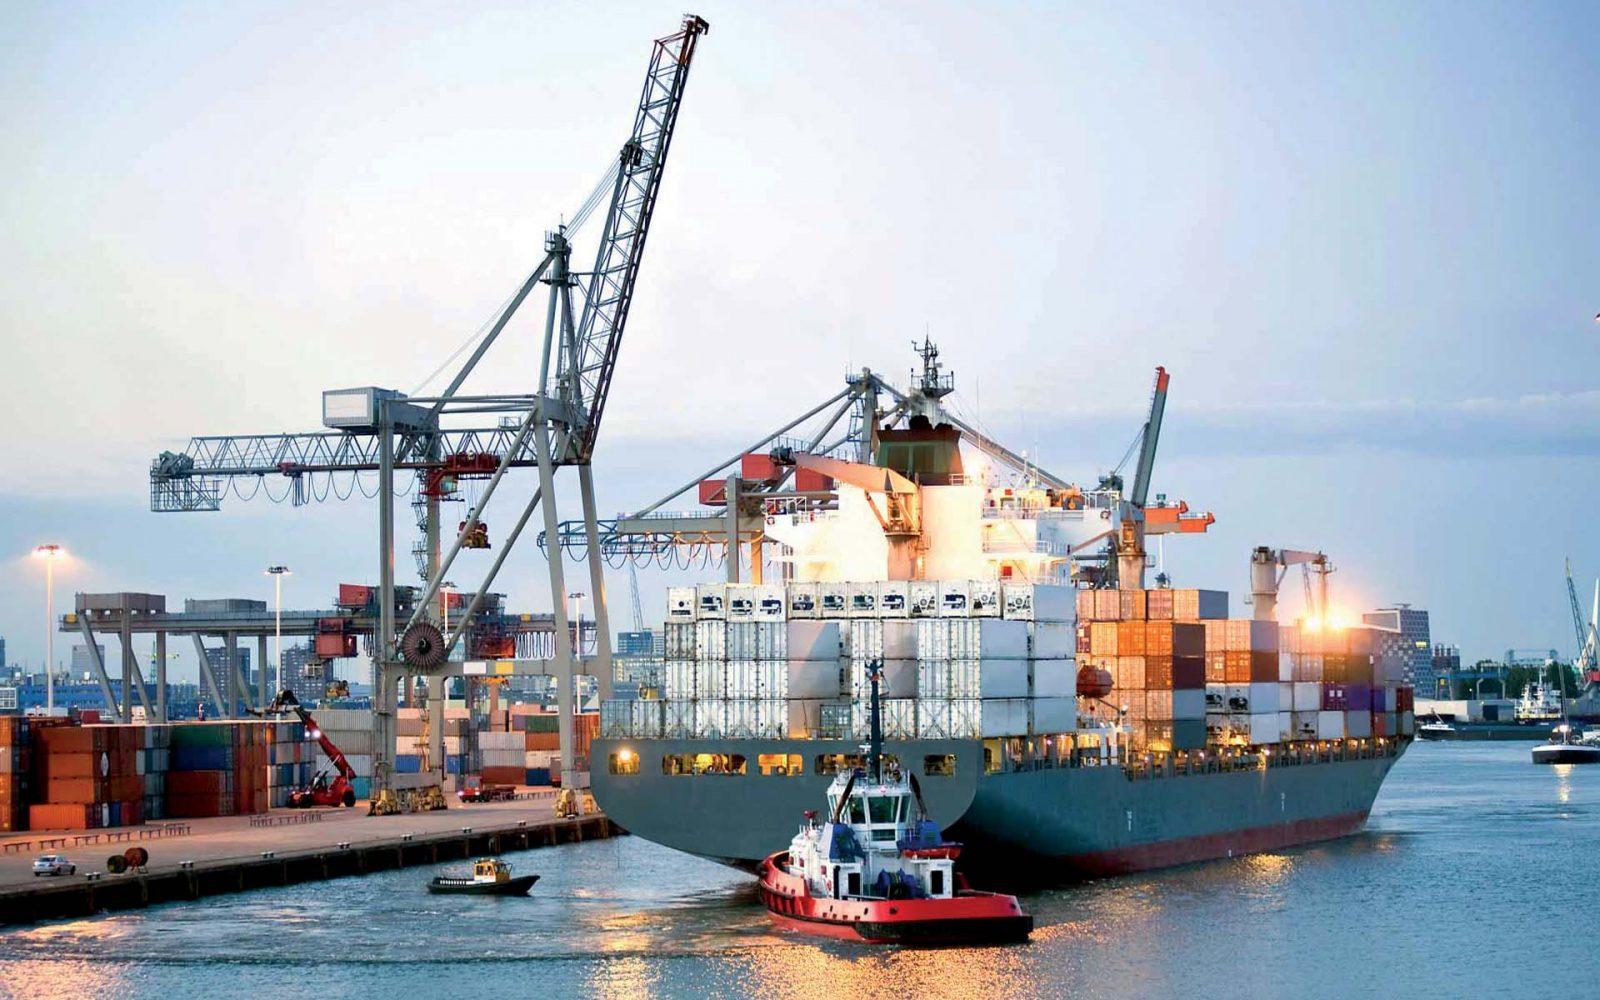 تداول  ألف طن بضائع إستراتيجية بميناء الإسكندرية